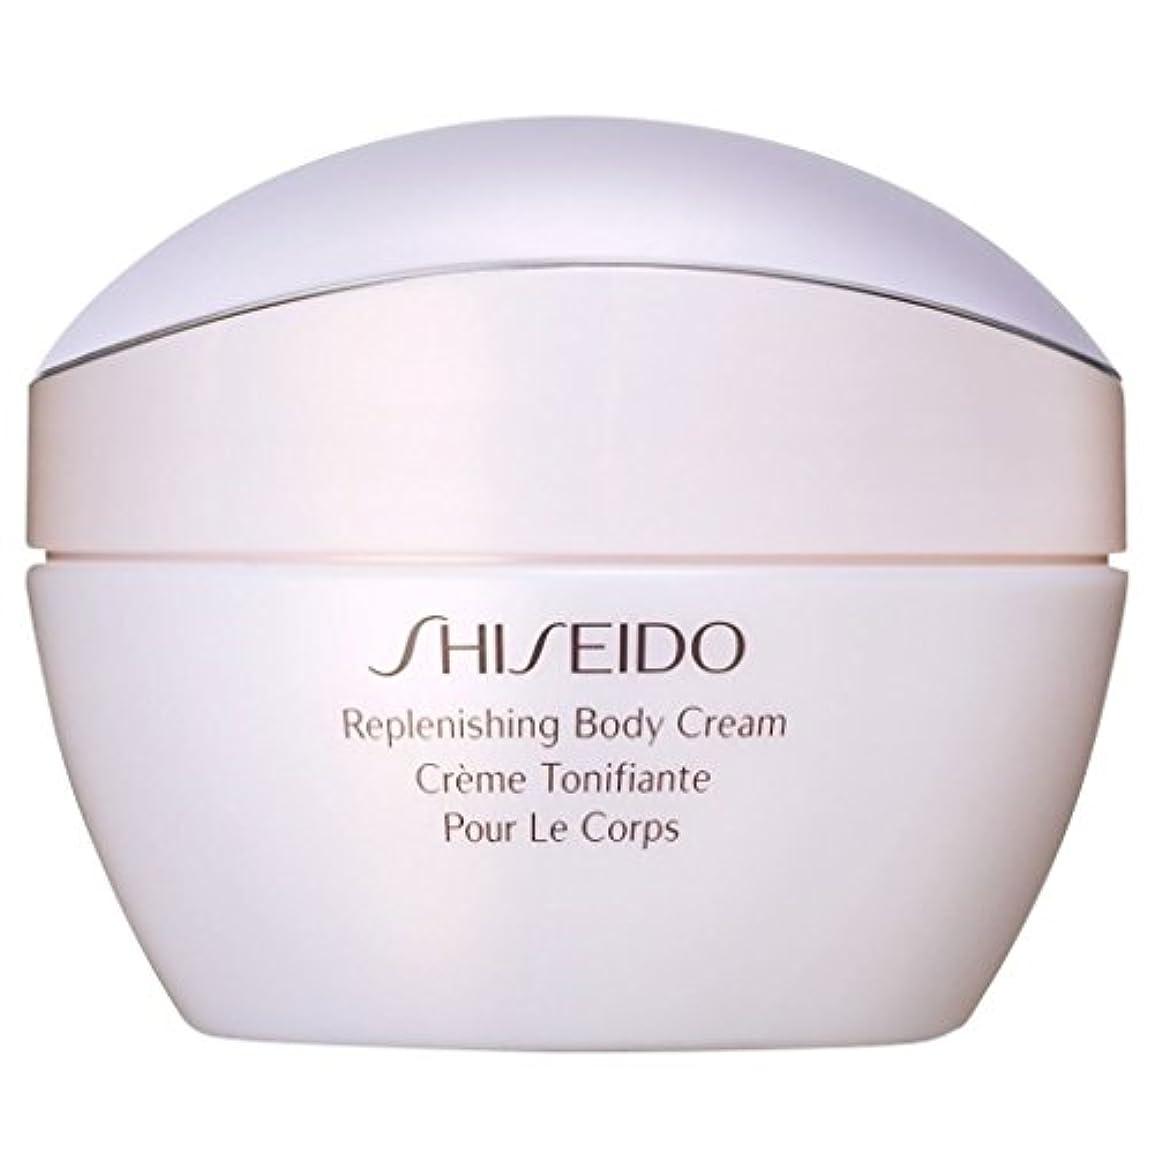 メイト軸崇拝します[Shiseido] 資生堂補充ボディクリーム200ミリリットル - Shiseido Replenishing Body Cream 200ml [並行輸入品]